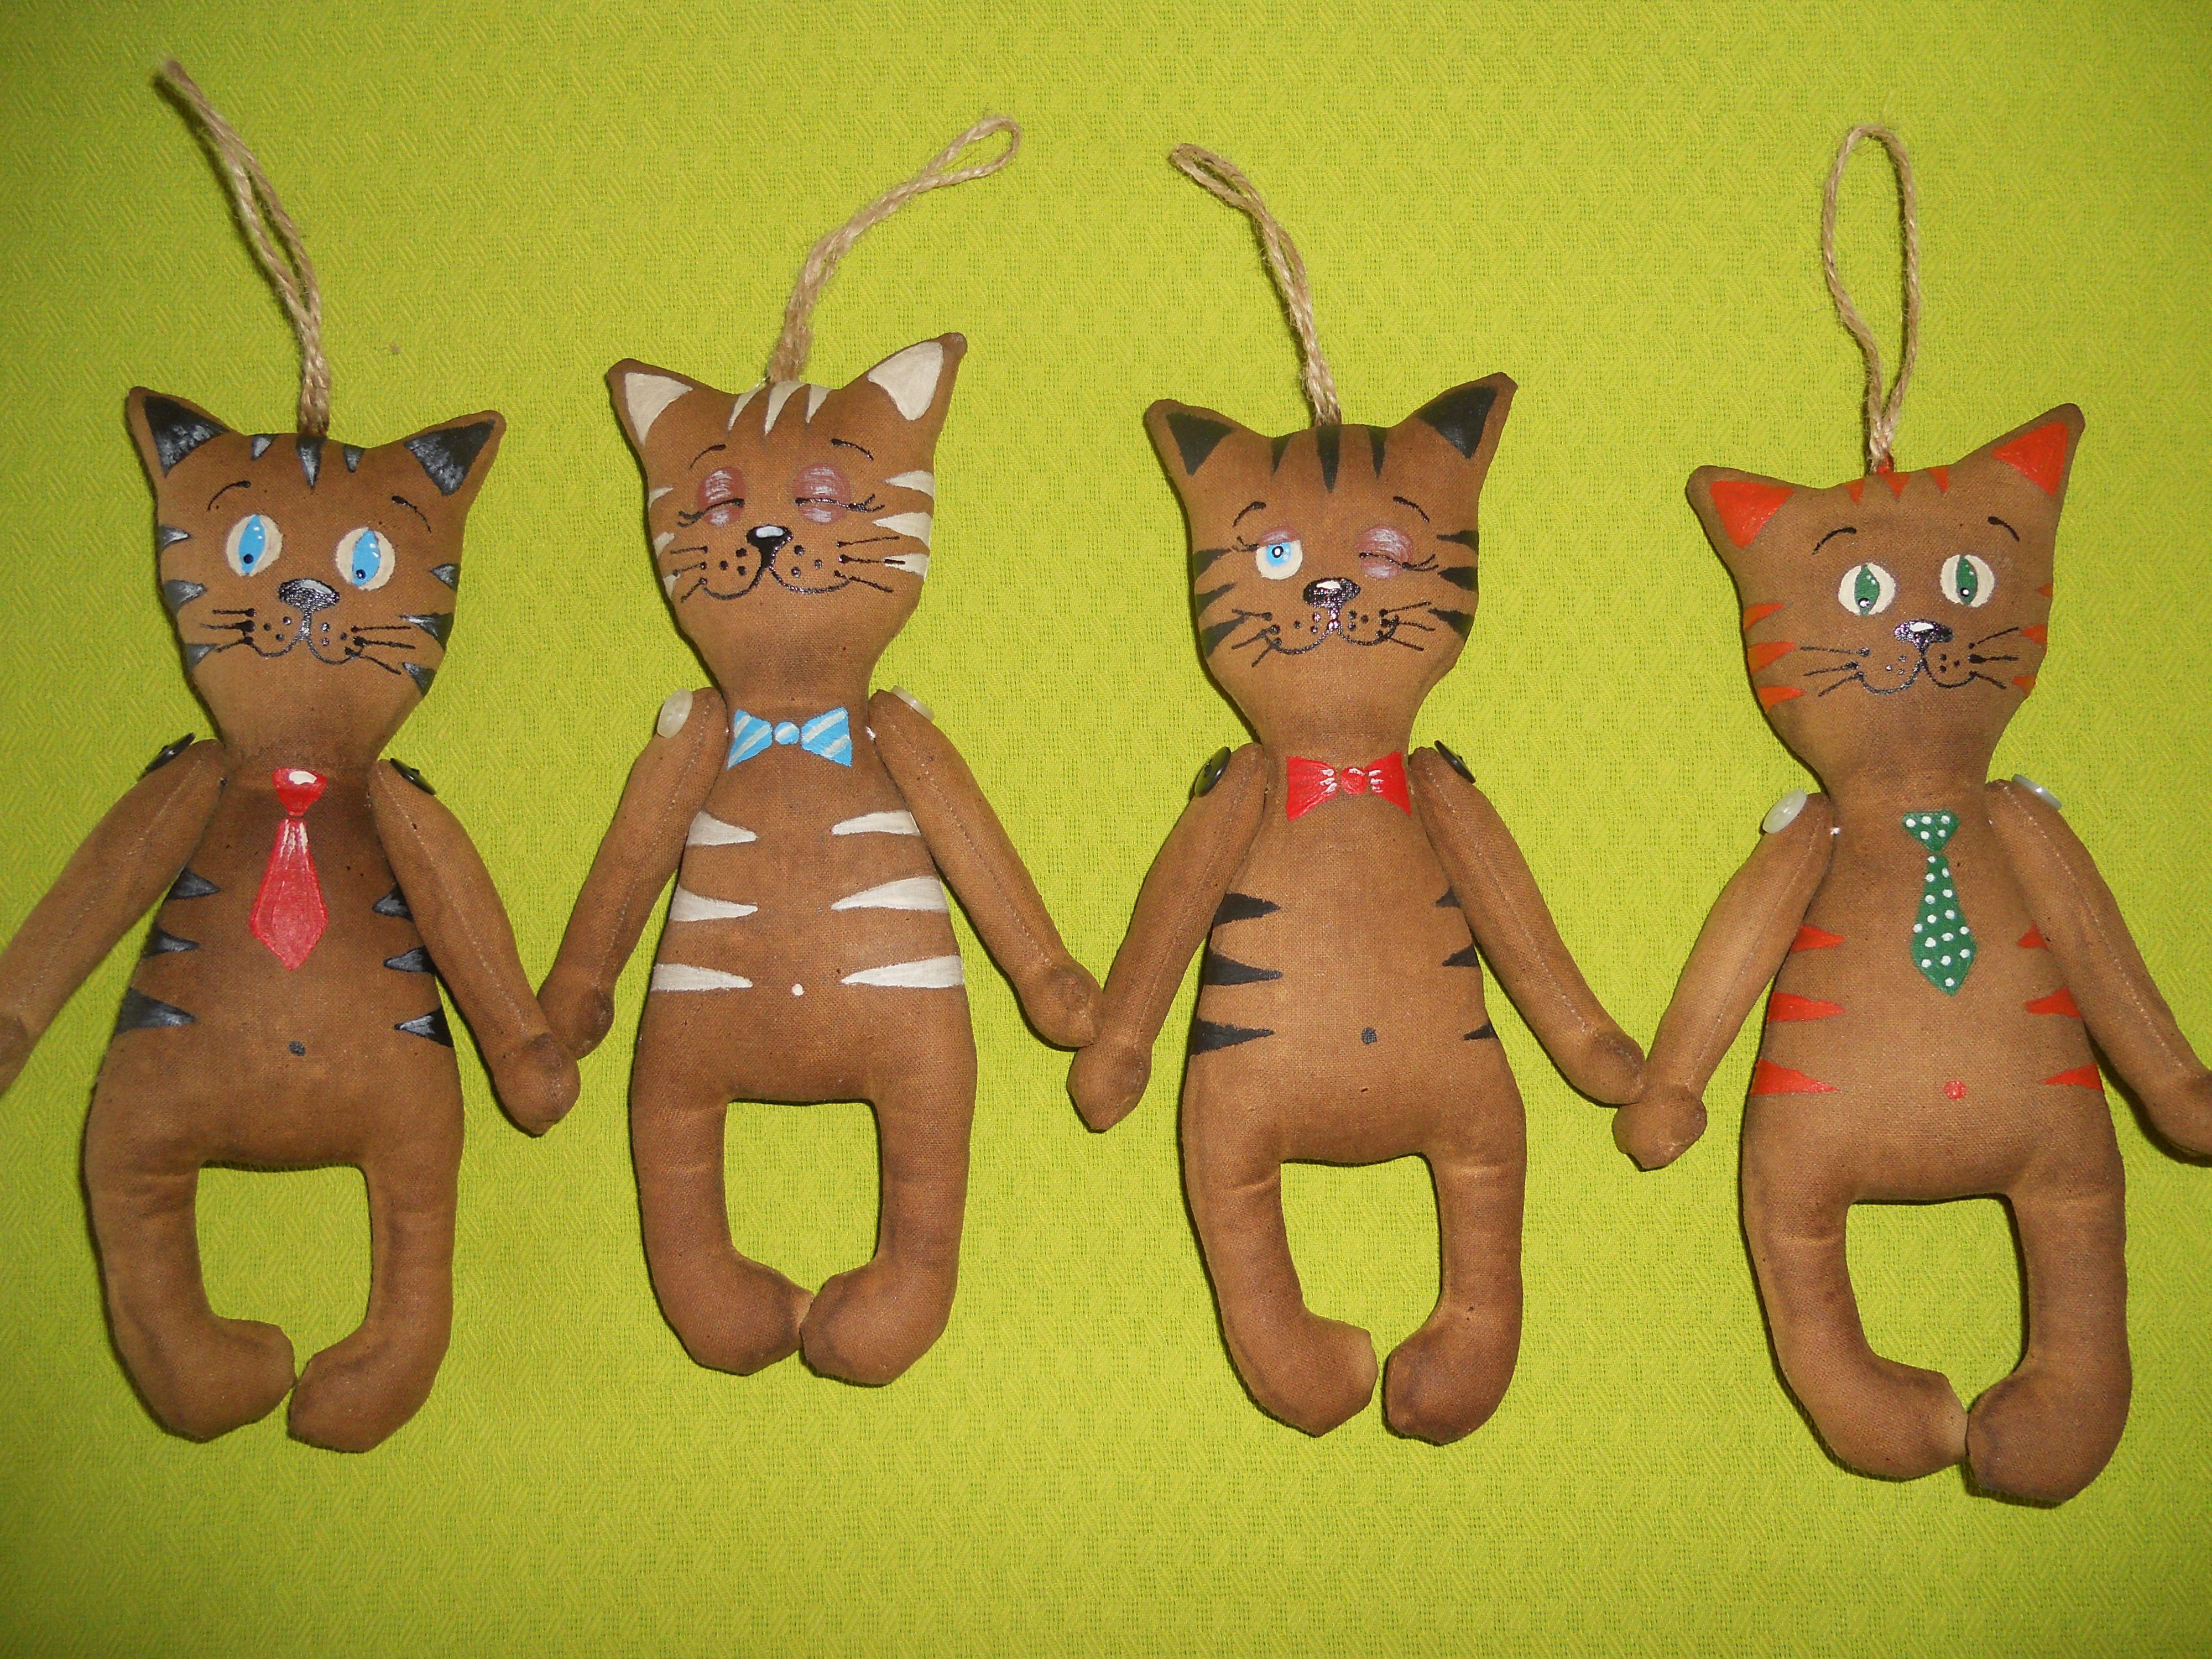 кофейные котик игрушки кот чердачные